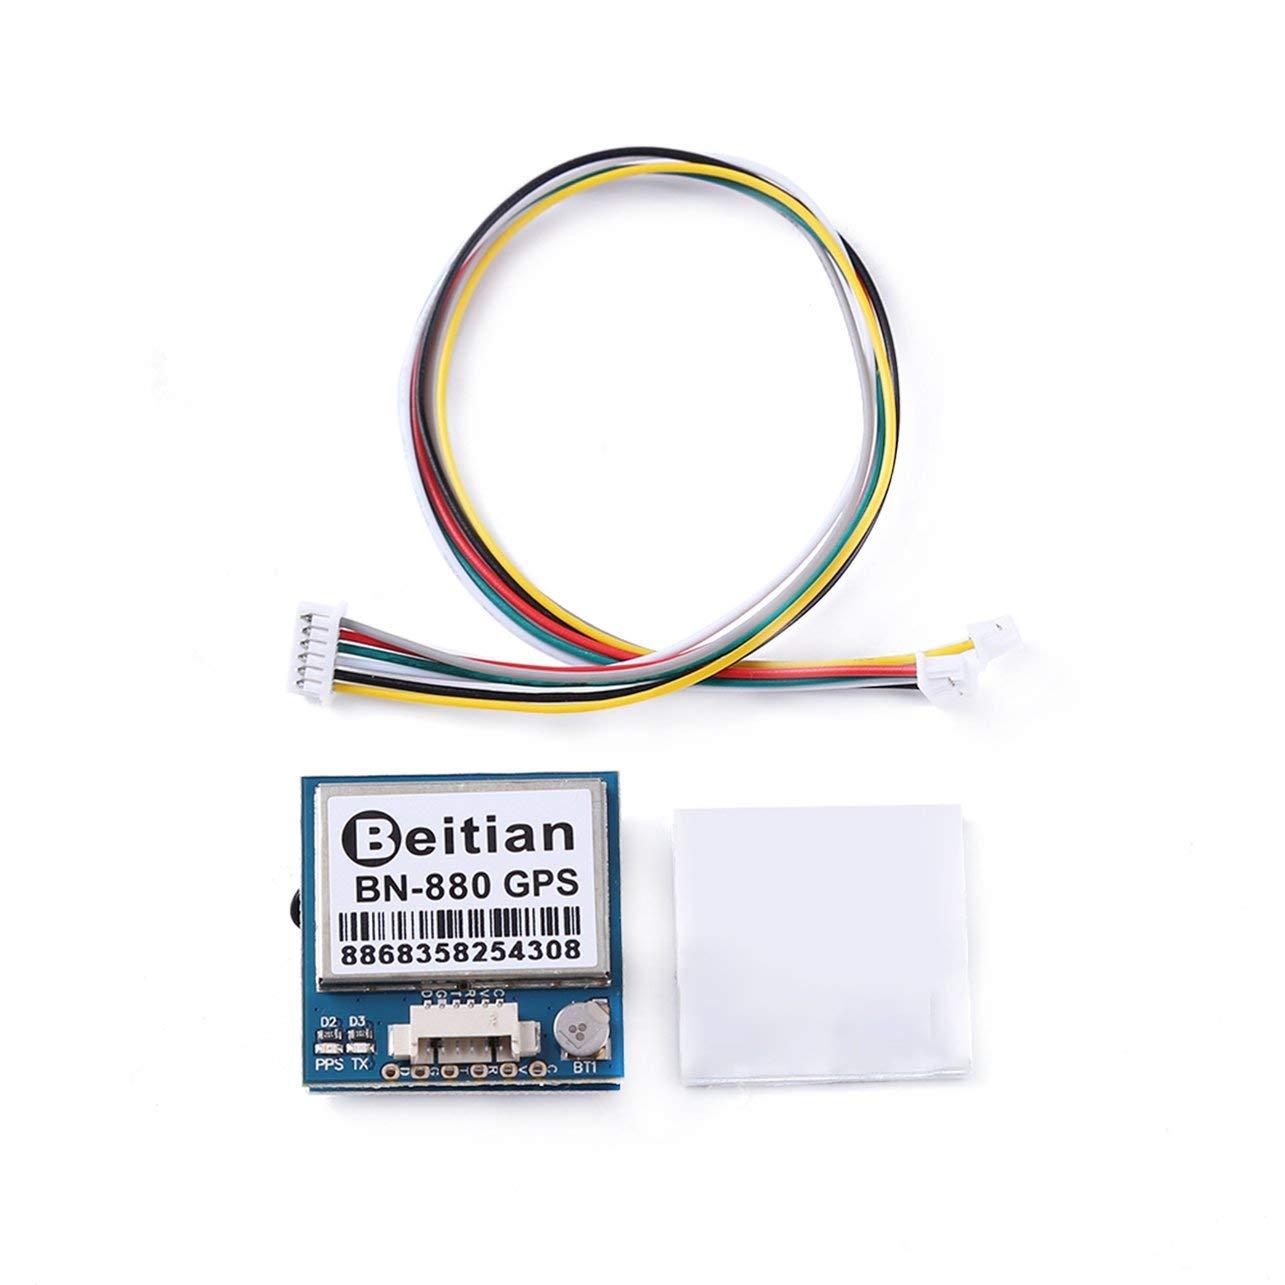 WOSOSYEYO Beitian GPS Modul Bn-880 Flugsteuerungsmodul Mit Kabelanschluss F/ür Rc Multicopter Kamera Drone Zubeh/ör